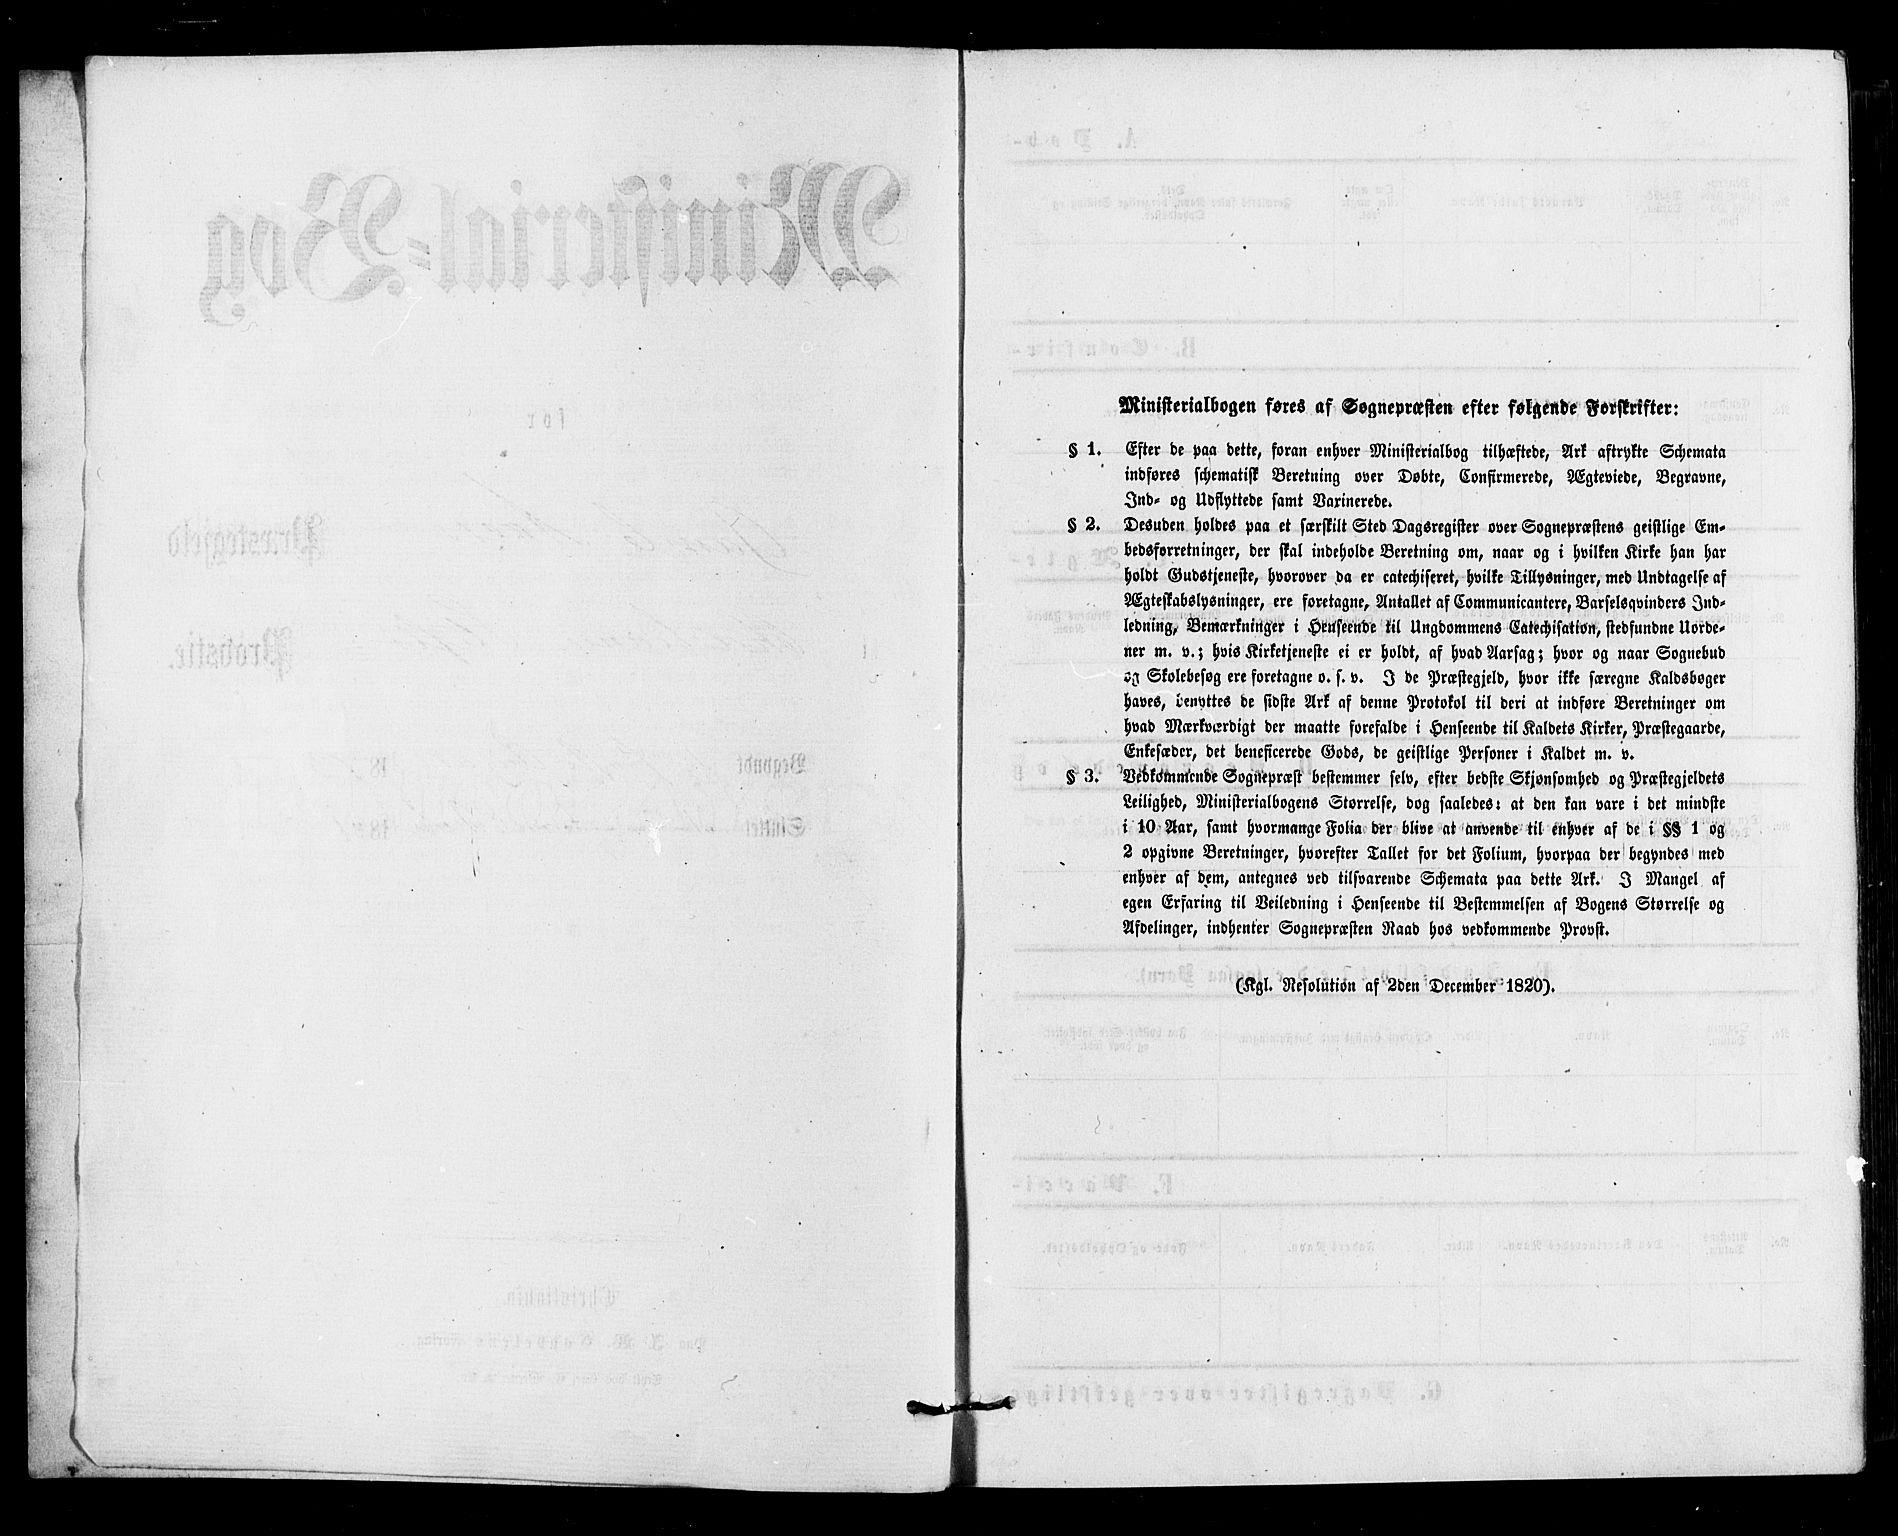 SAO, Gamle Aker prestekontor Kirkebøker, F/L0005: Ministerialbok nr. 5, 1873-1881